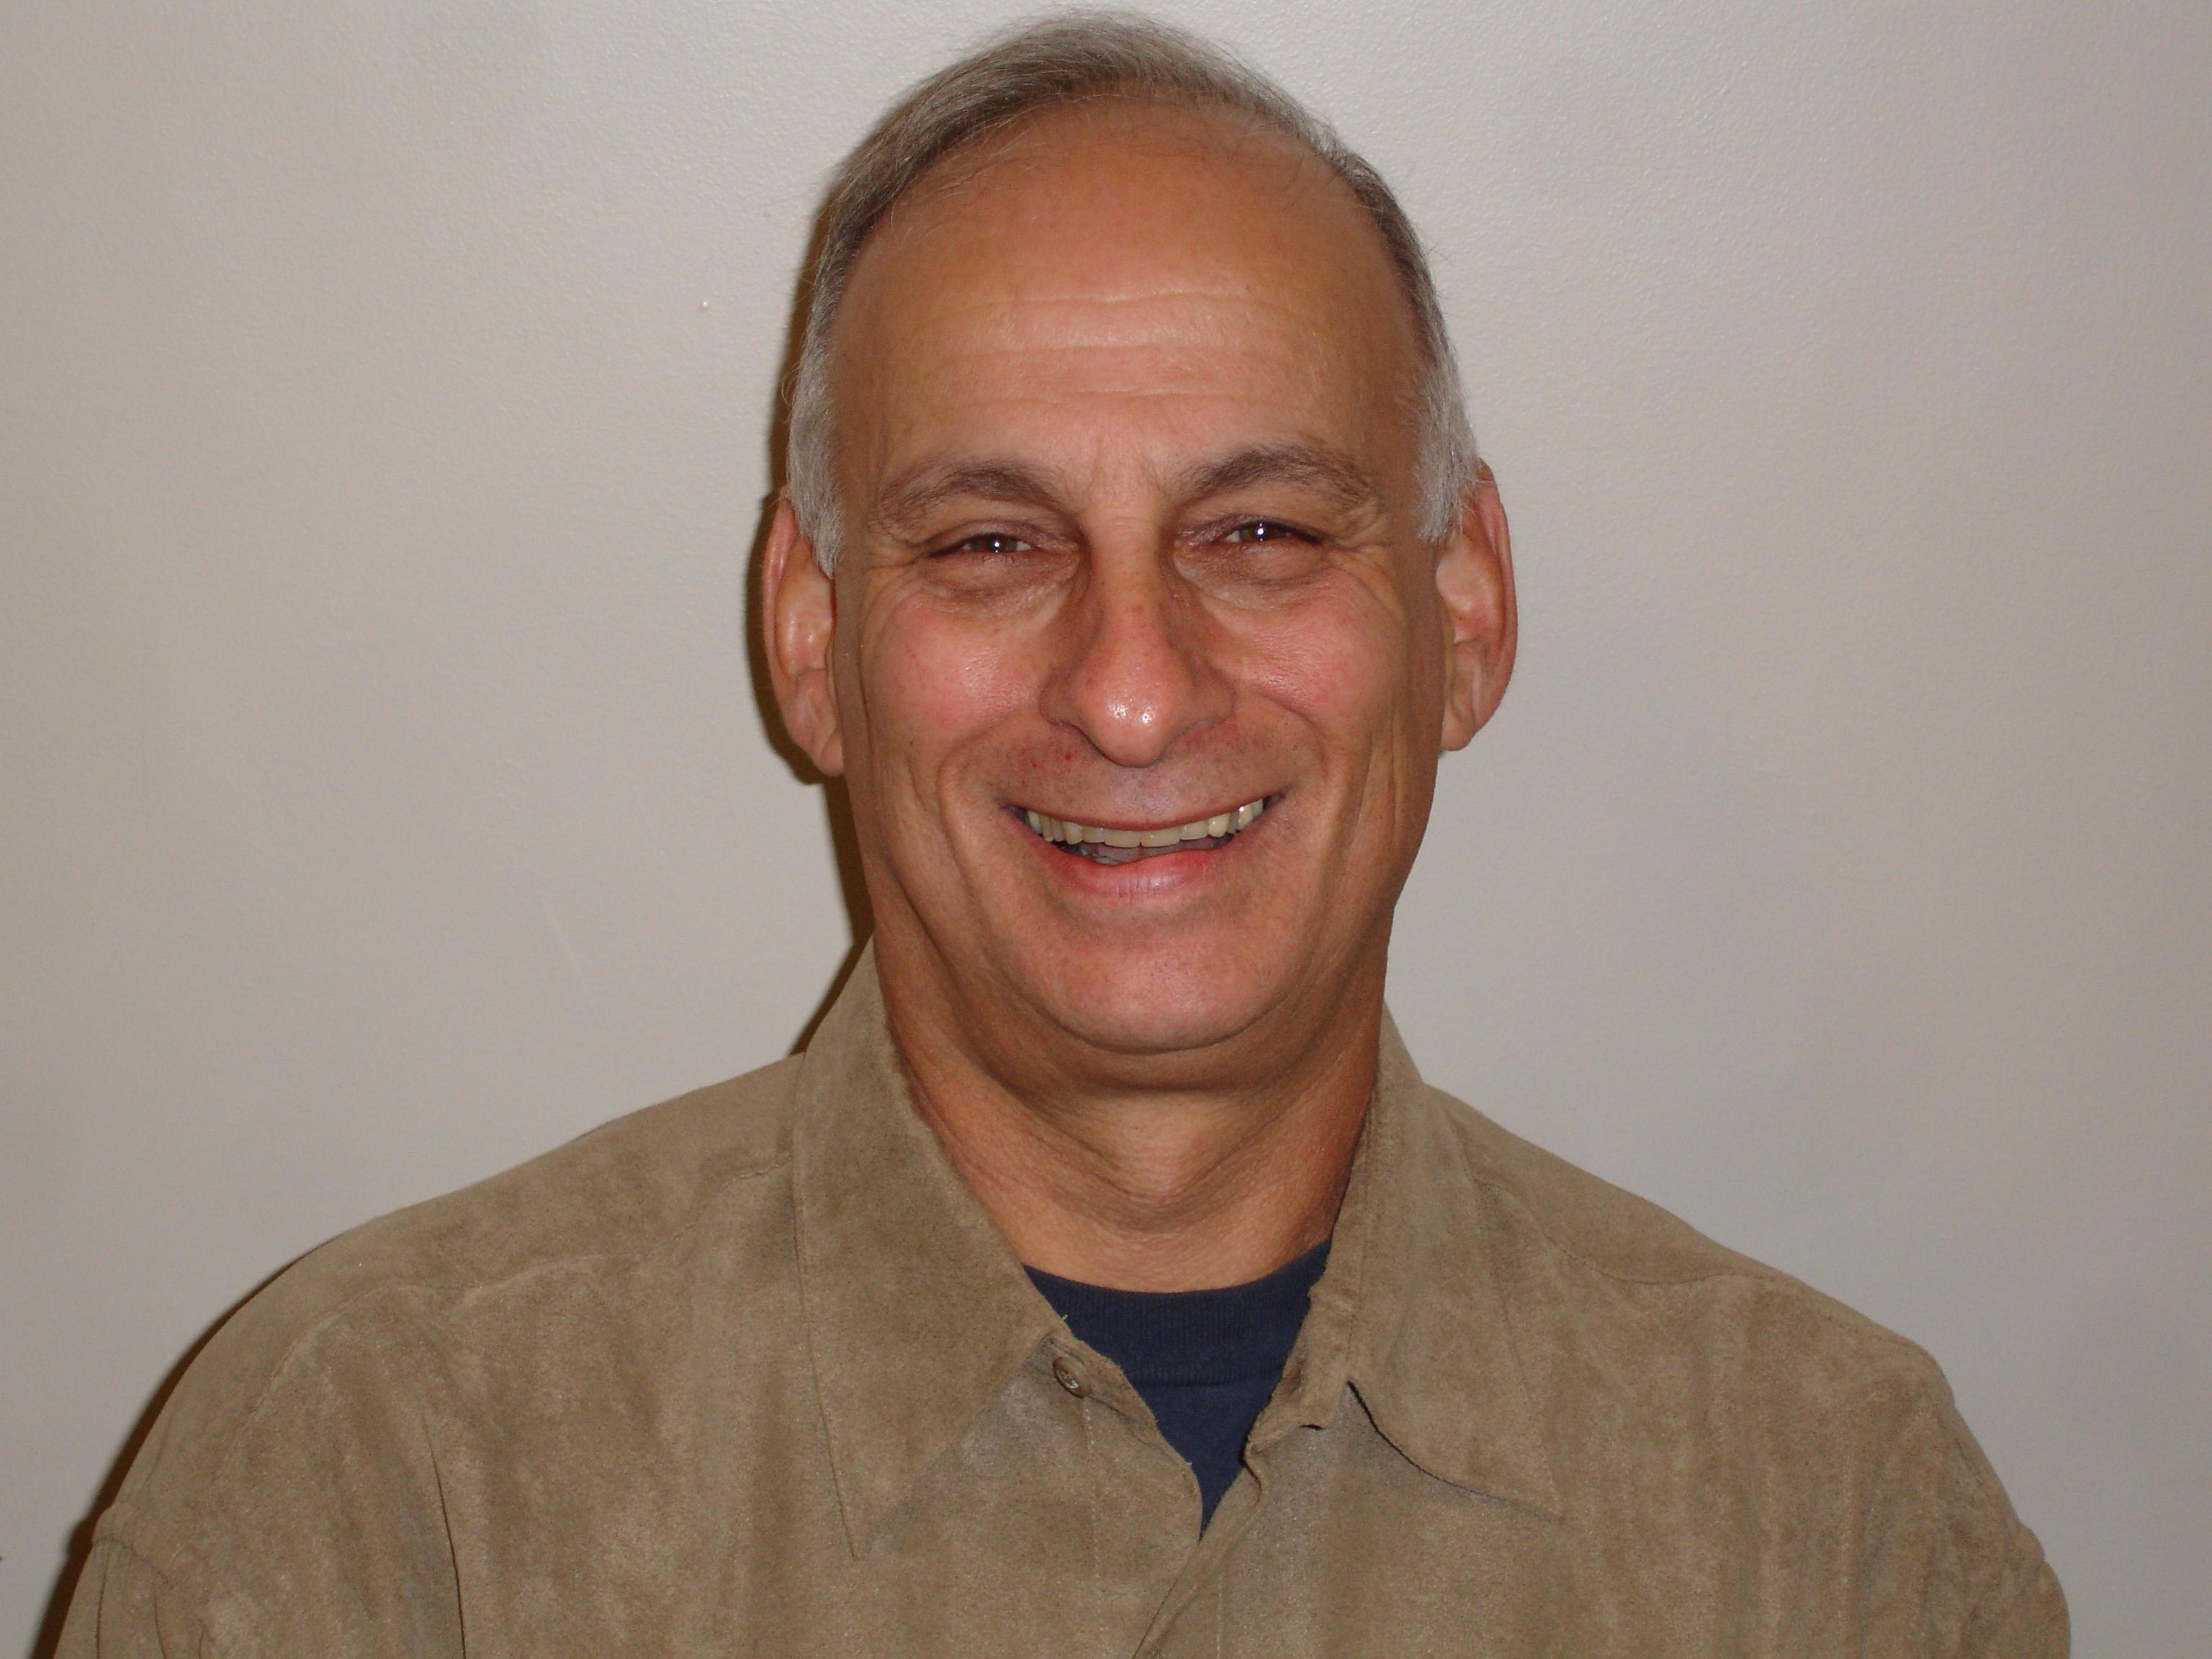 Anthony LaPuma